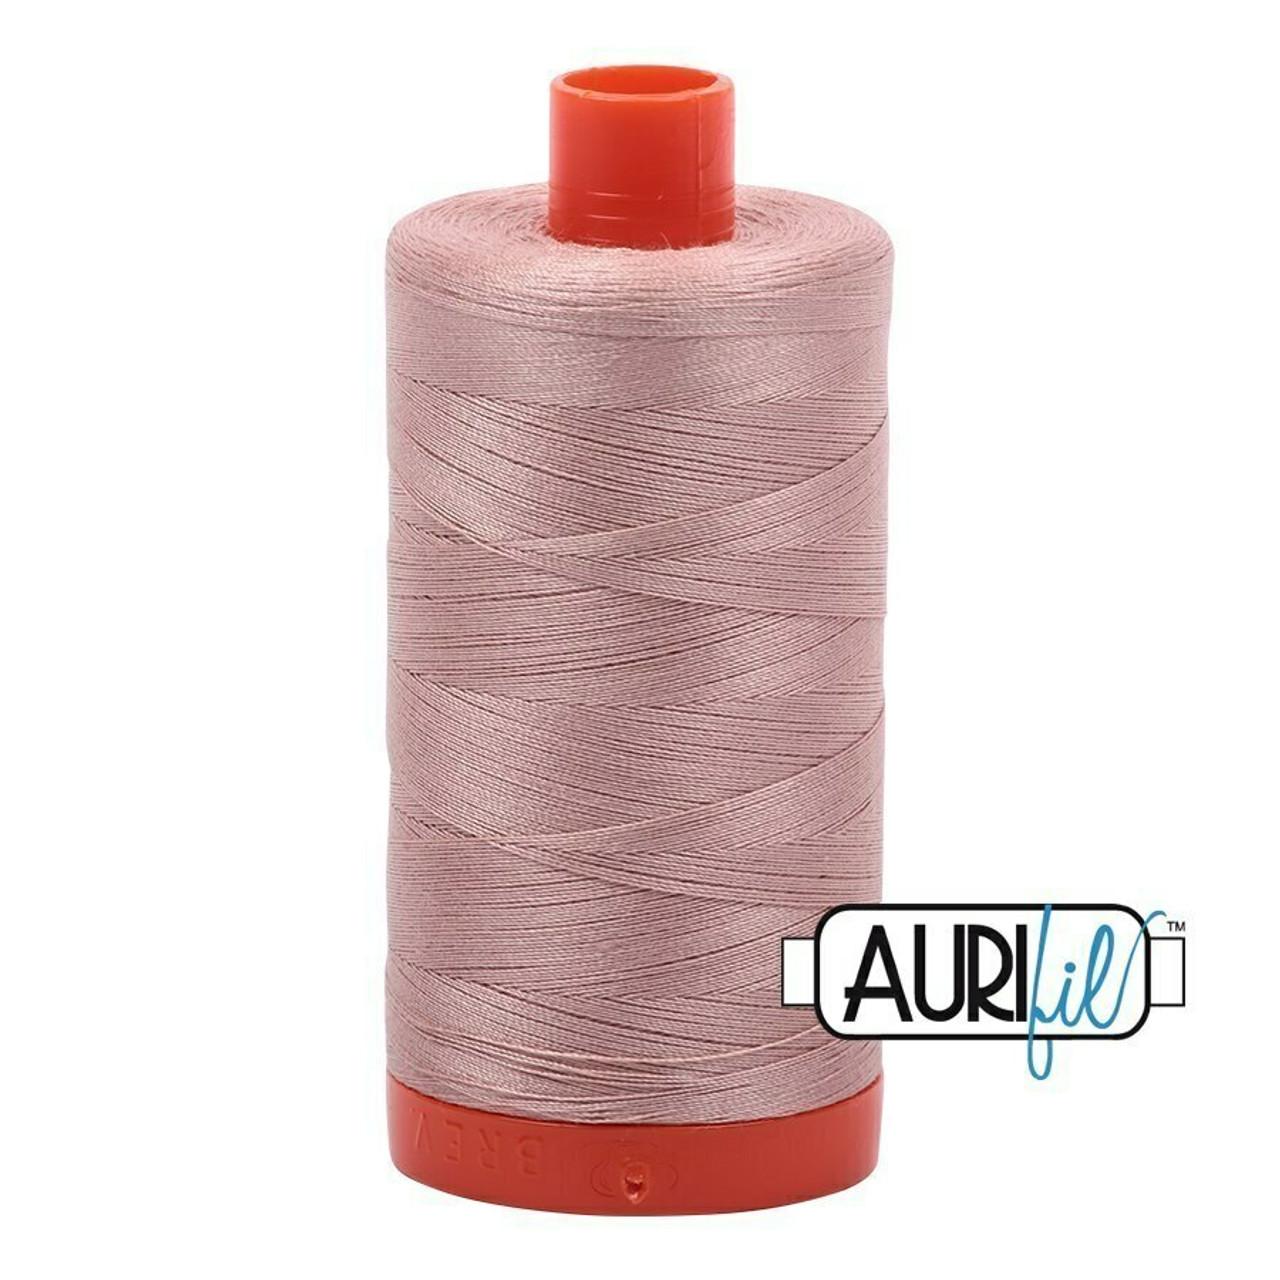 Aurifil 50wt Antique Blush (2375) thread